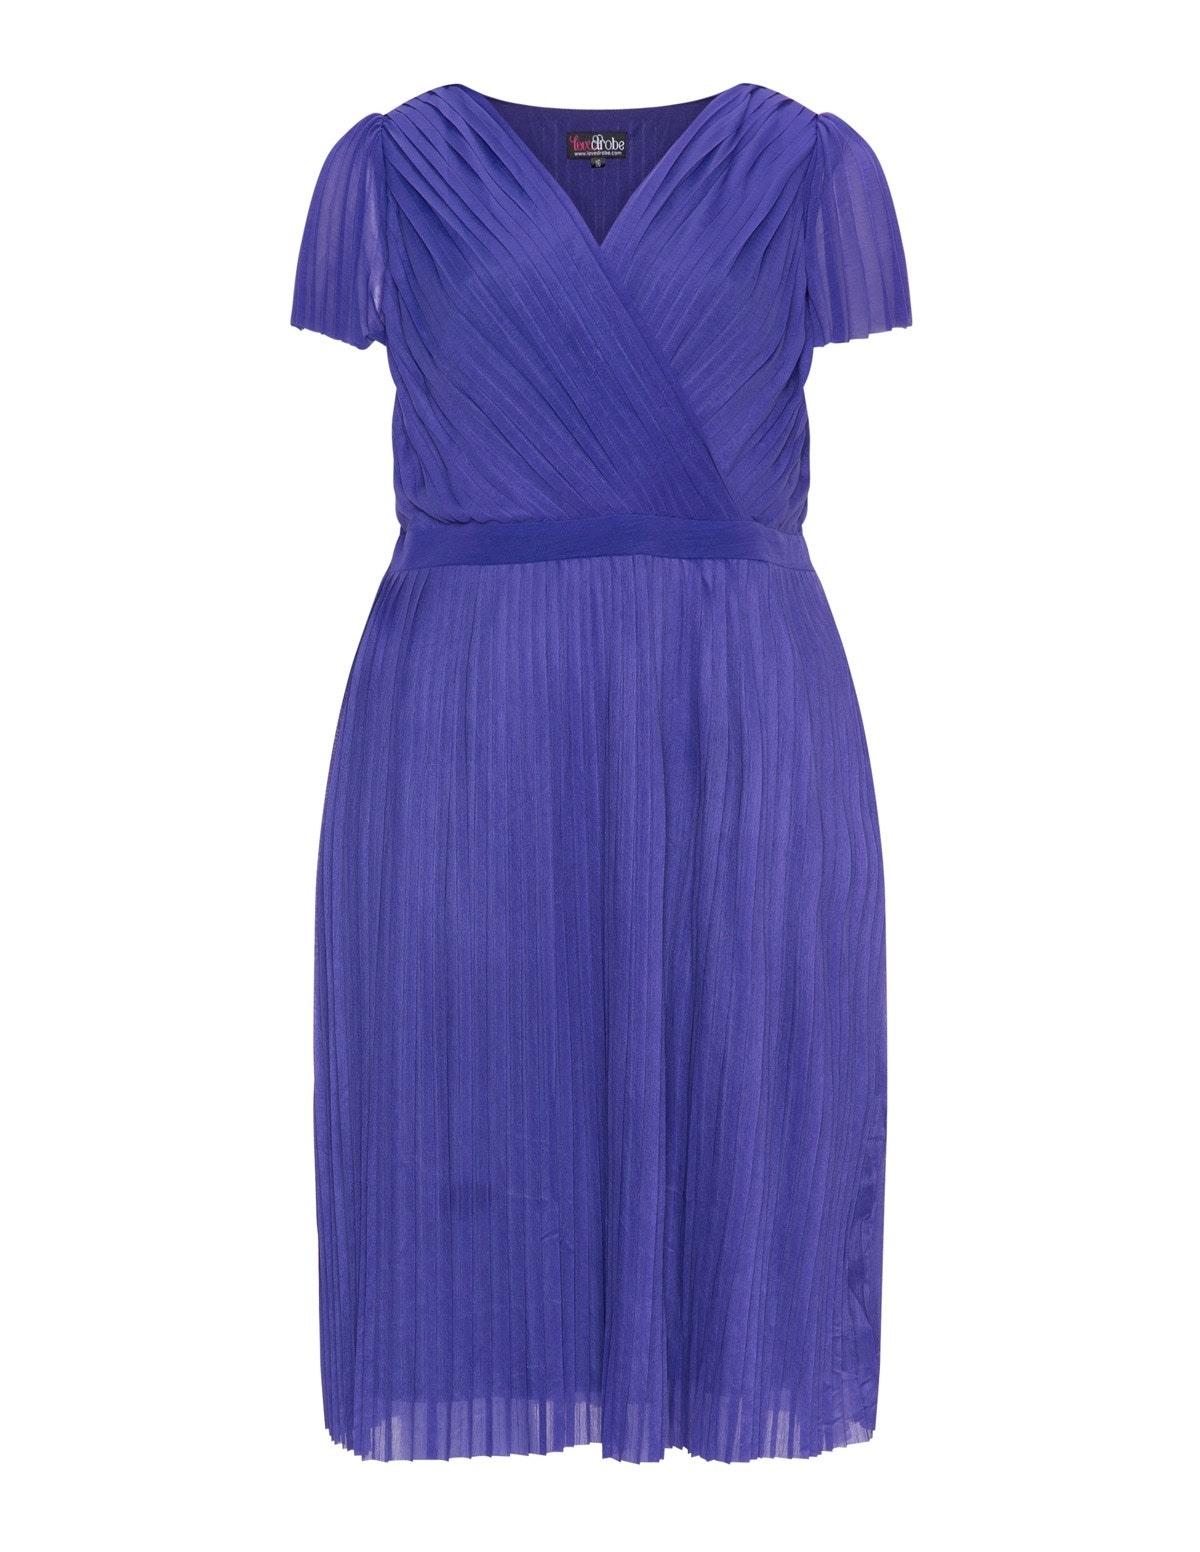 Formal Top Sommerkleid 50 Vertrieb10 Leicht Sommerkleid 50 Stylish